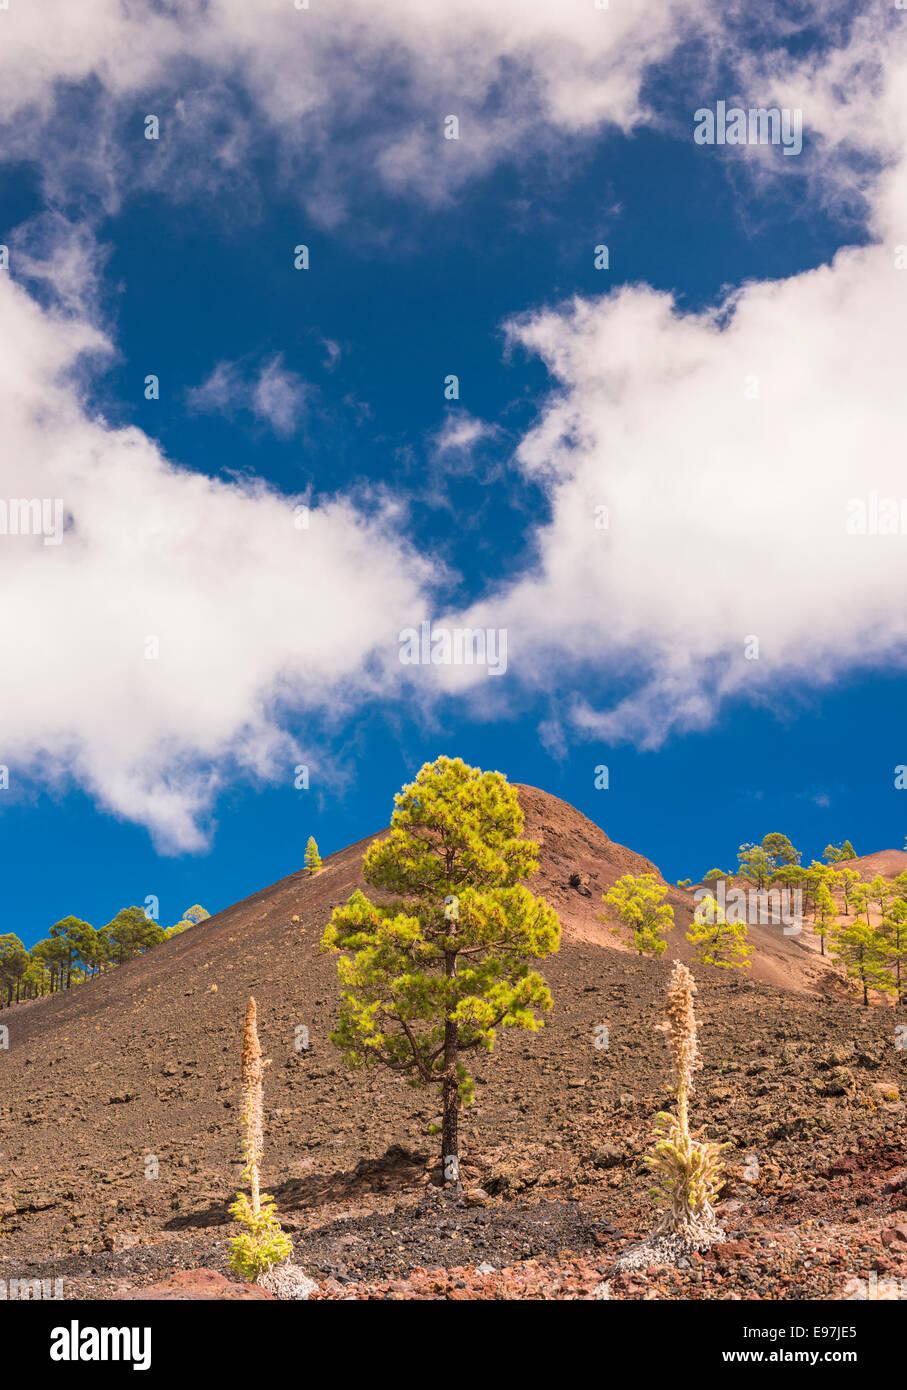 Montana Boca Cangrejo, un cono de escoria en el oeste de Tenerife formado en el 1492, con la erupción taginaste rojo en primer plano Foto de stock